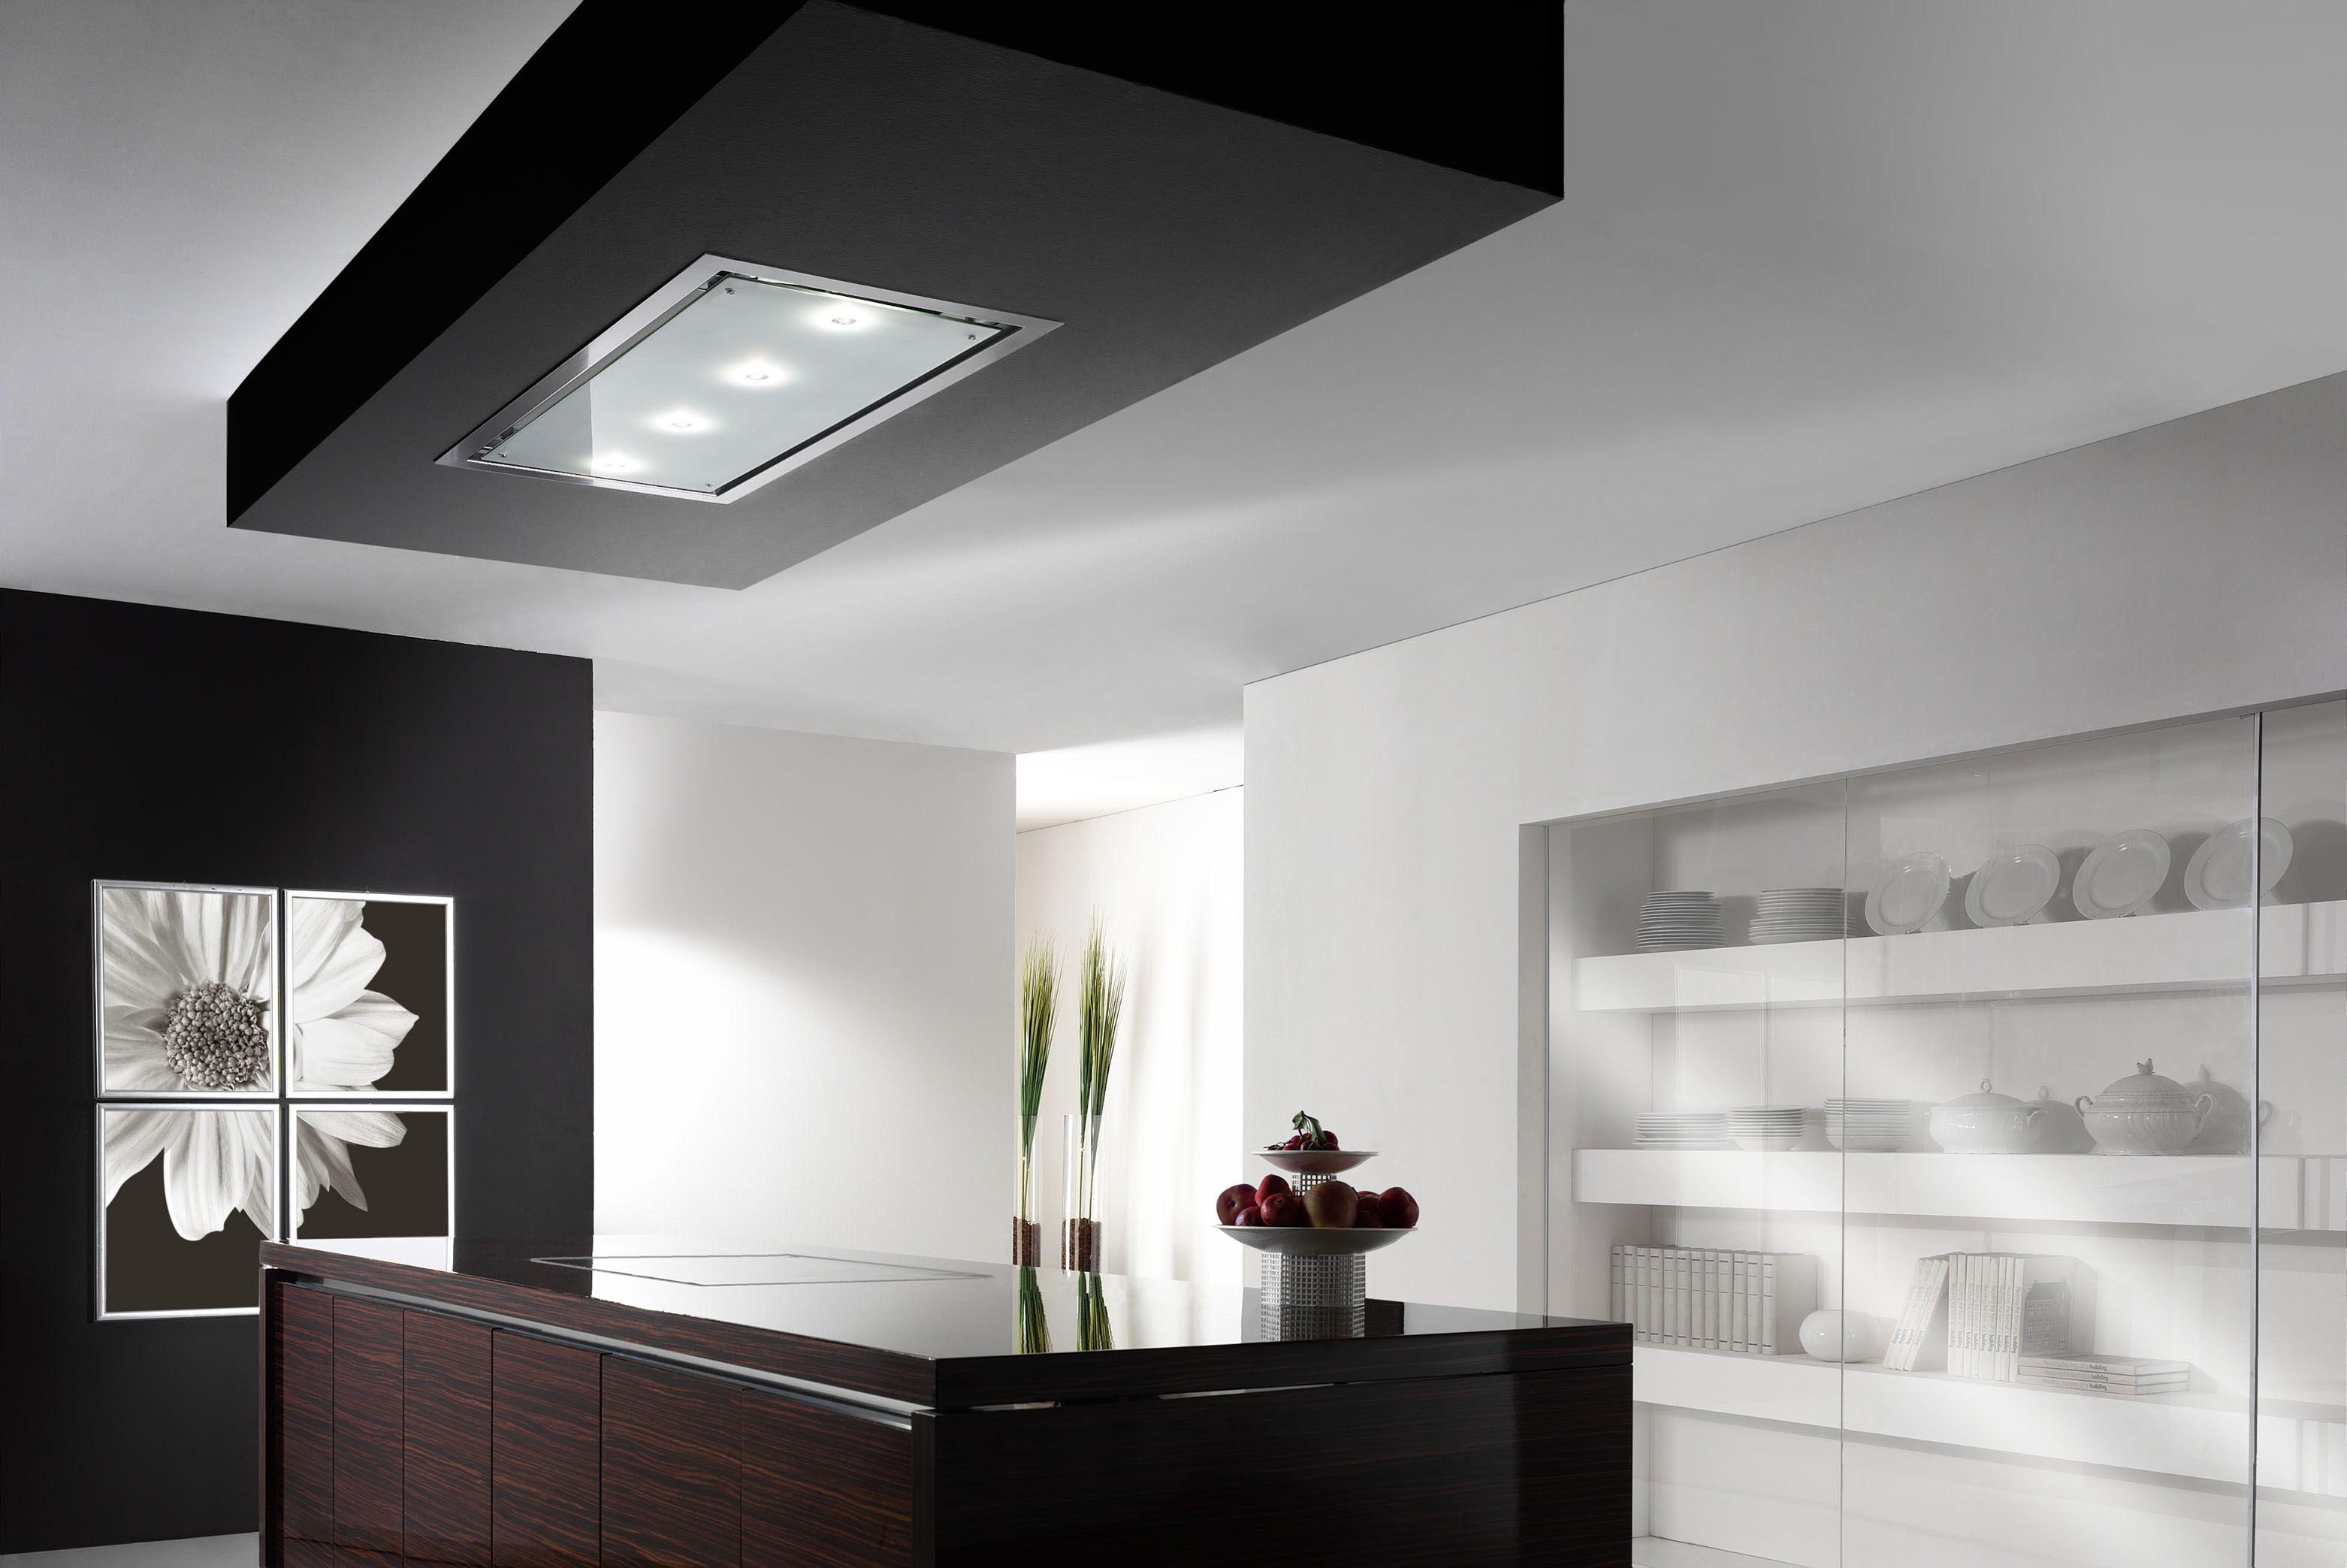 eisinger-cover-line-die-deckenhaube-mit-klasse - Küchentraum ...